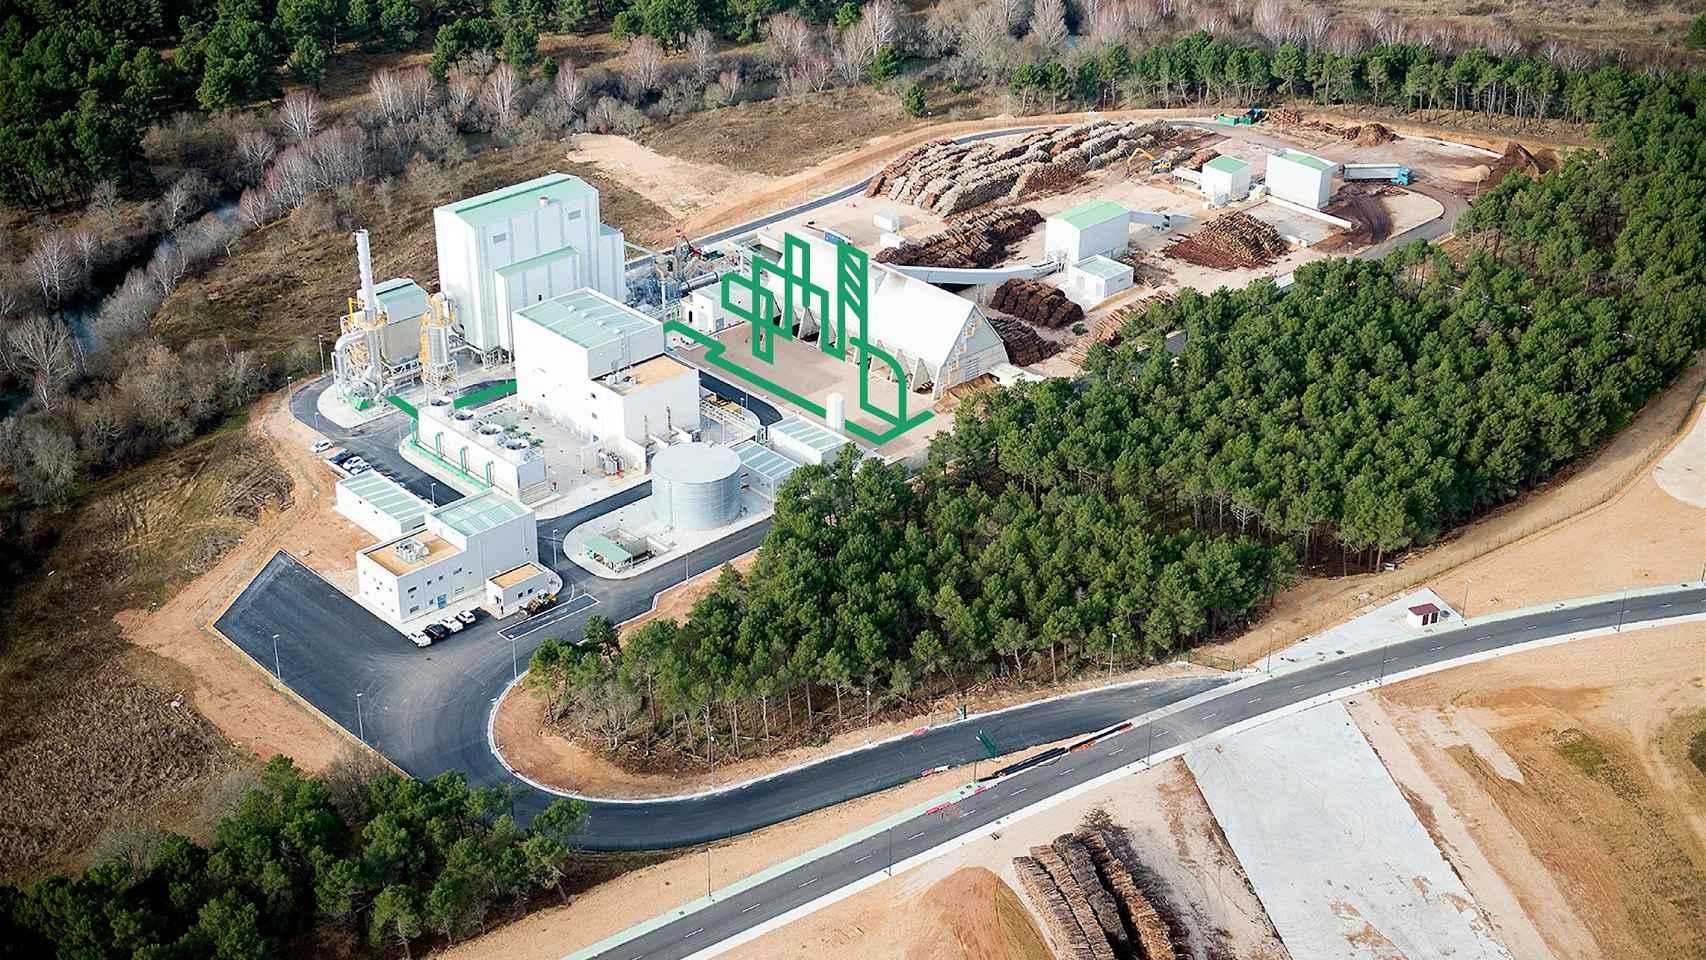 Carburos Metálicos construirá una planta para capturar y reutilizar CO2 verde en Soria